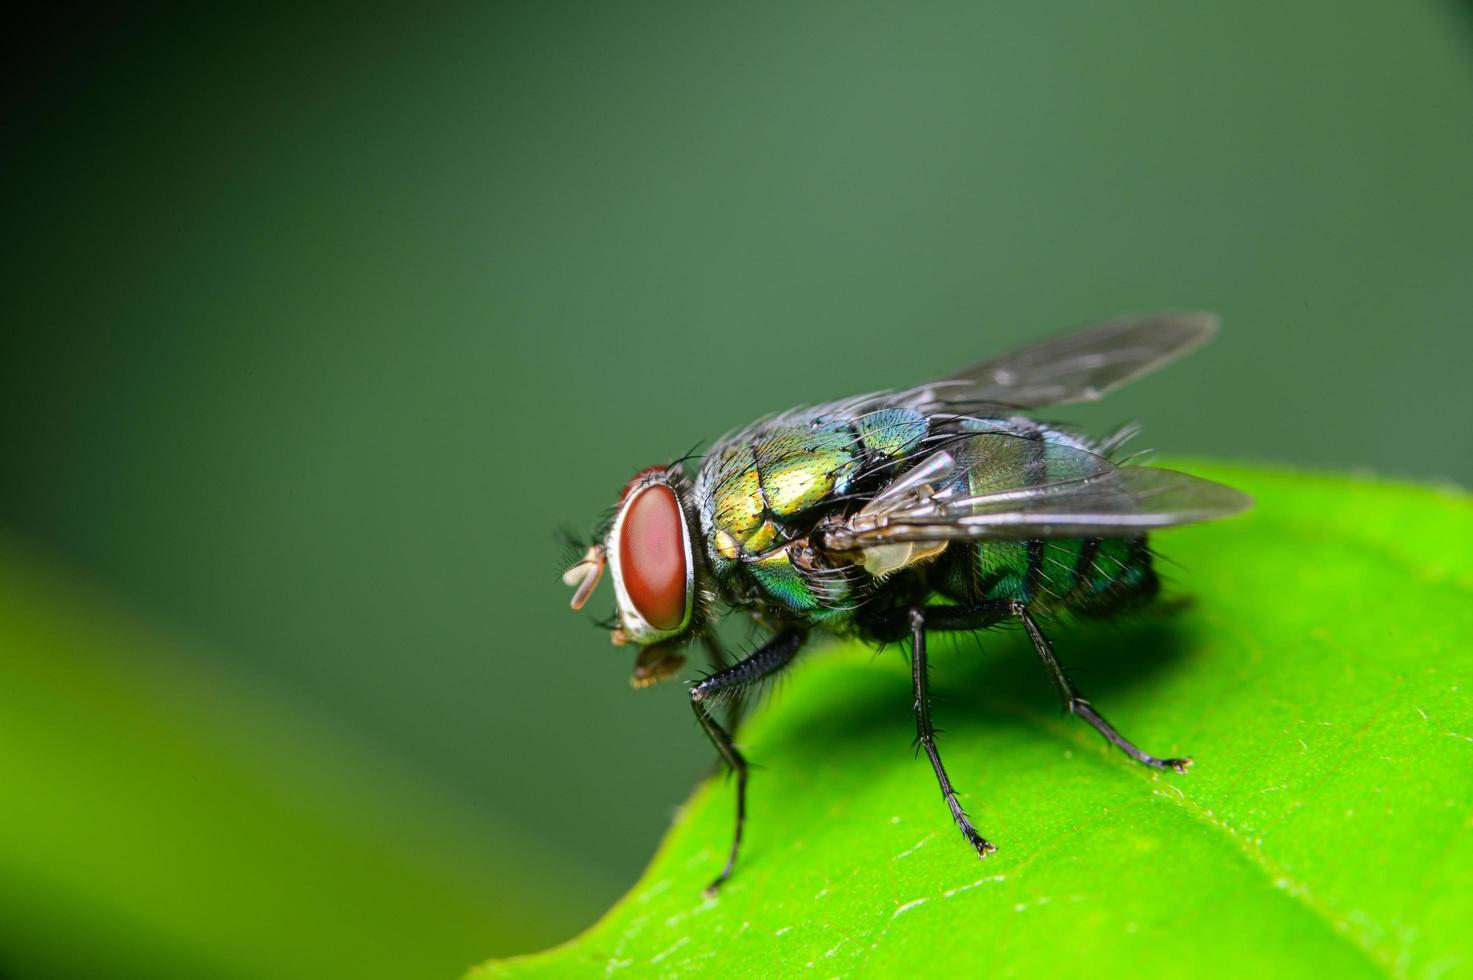 macro mosca chrysomya megacephala foto